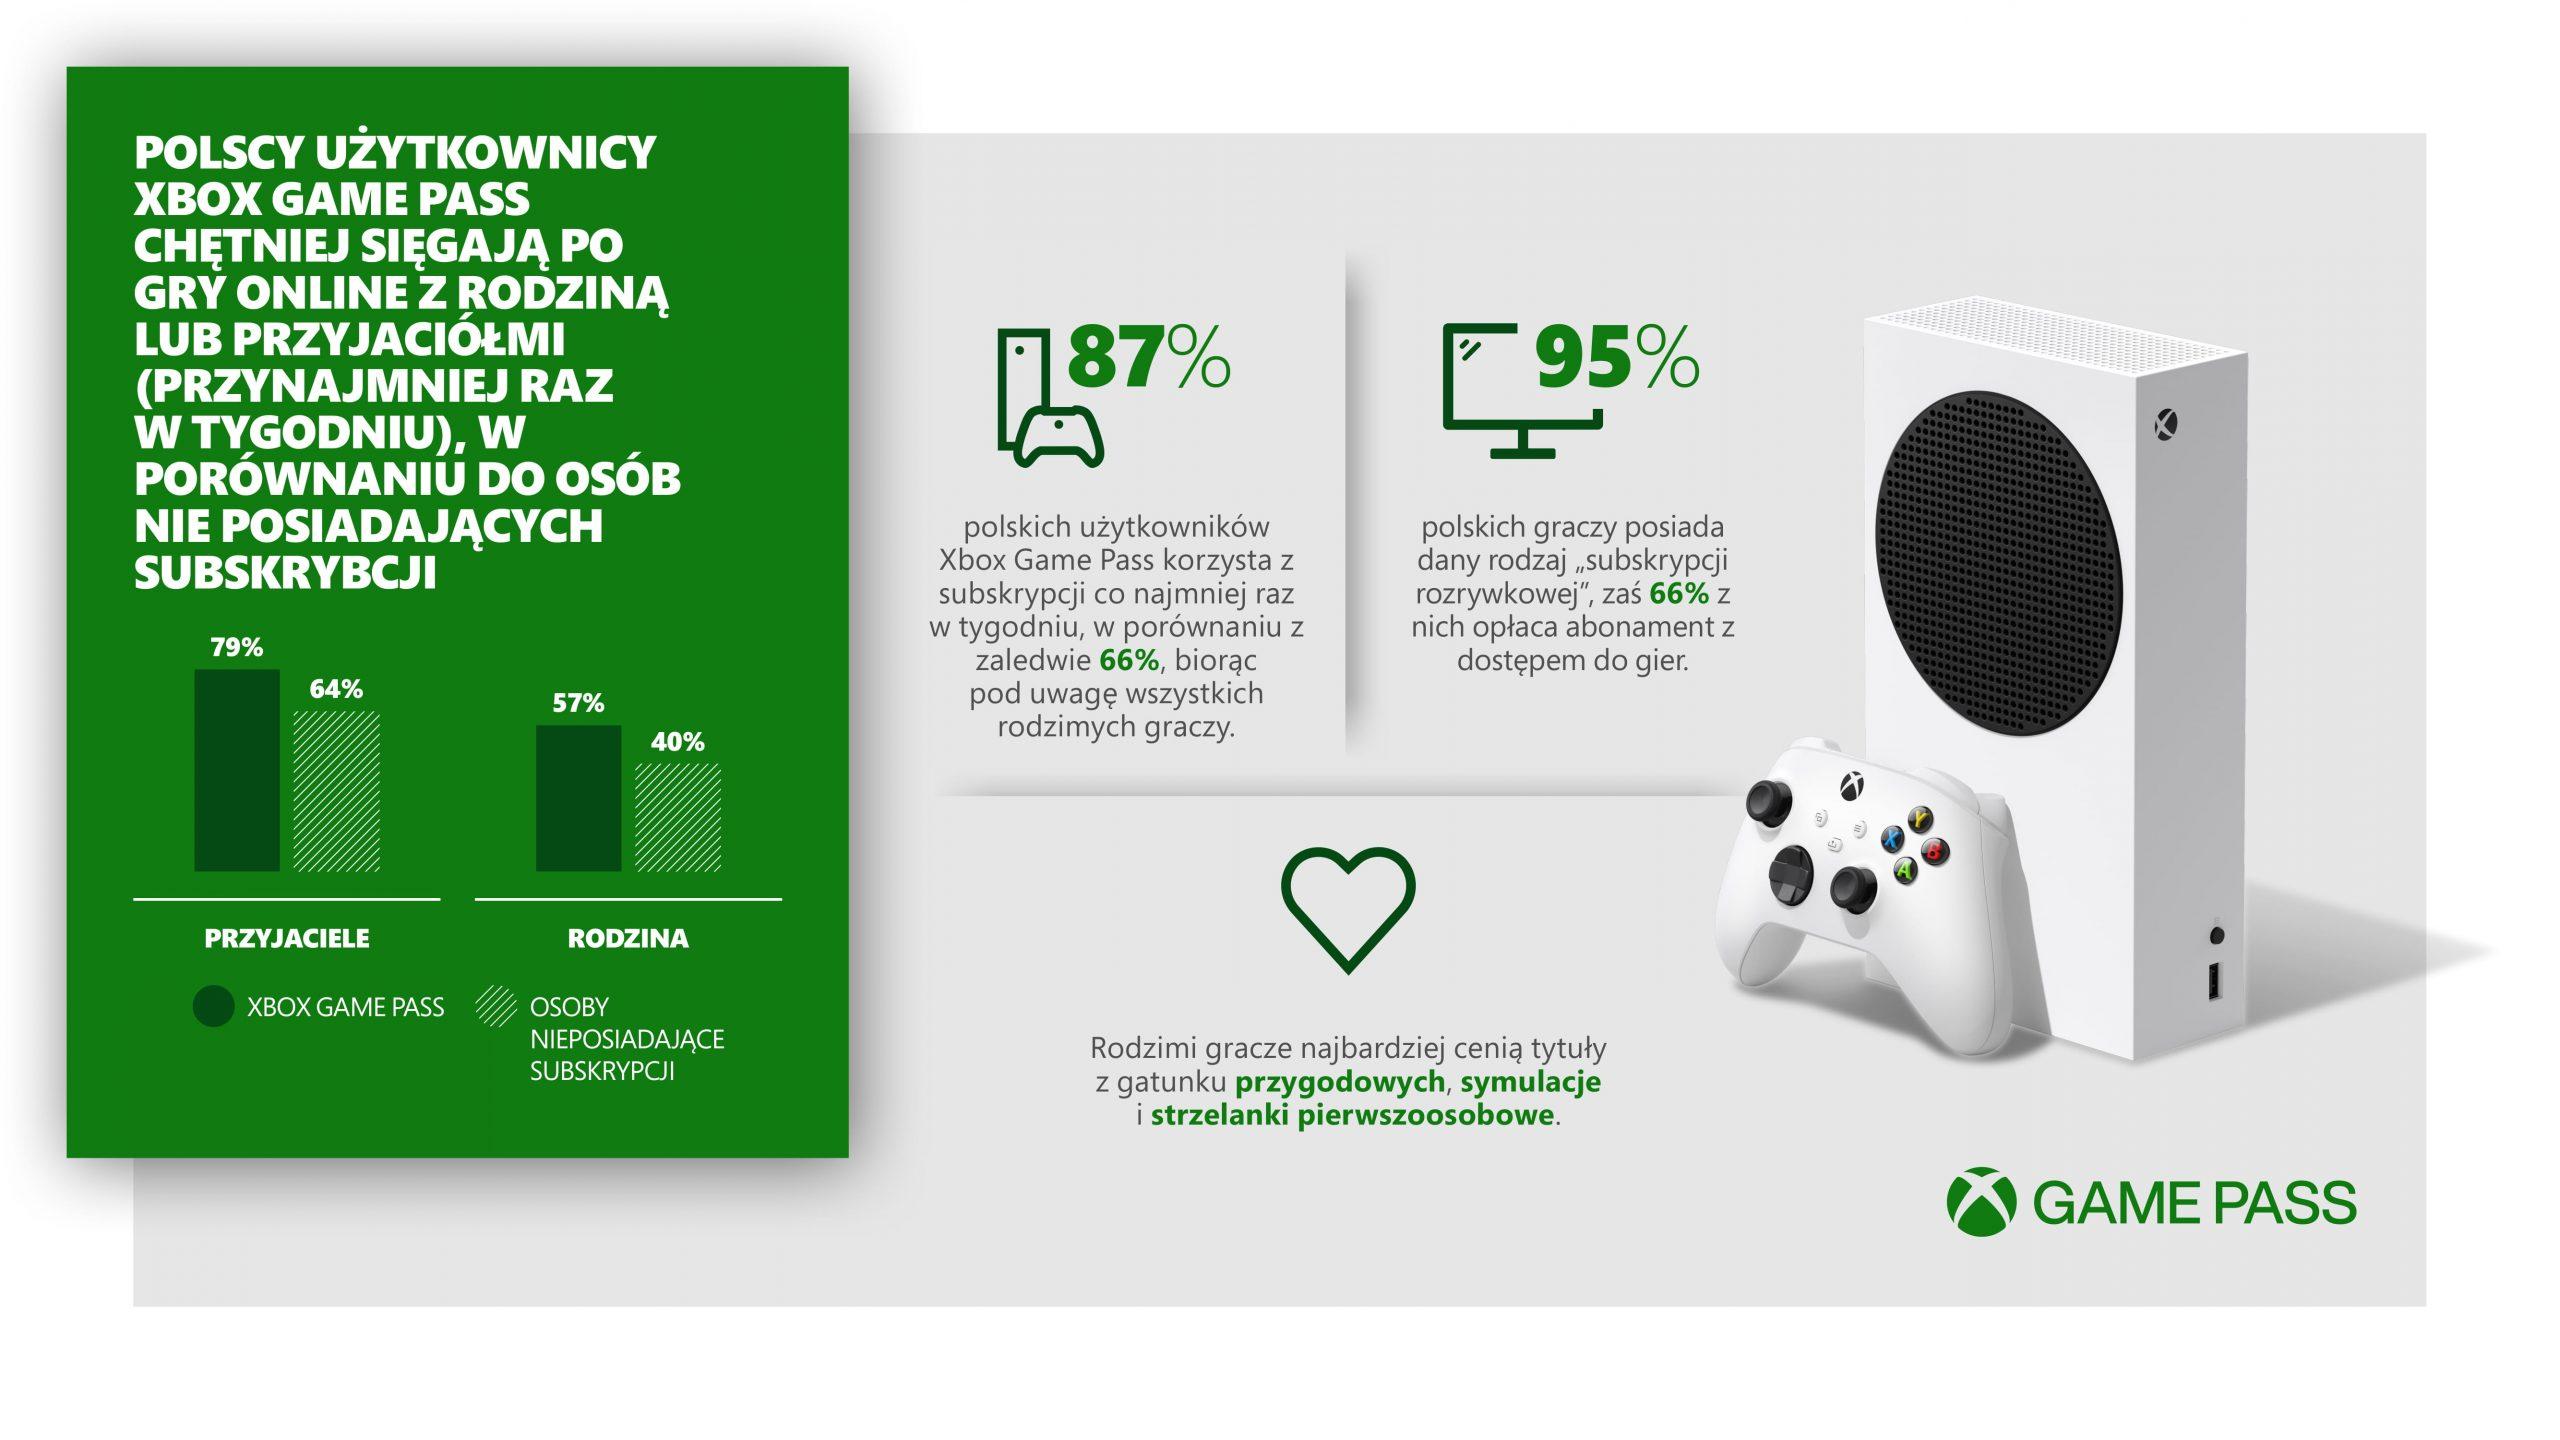 Xbox Game Pass wyniki badania graczy z Polski